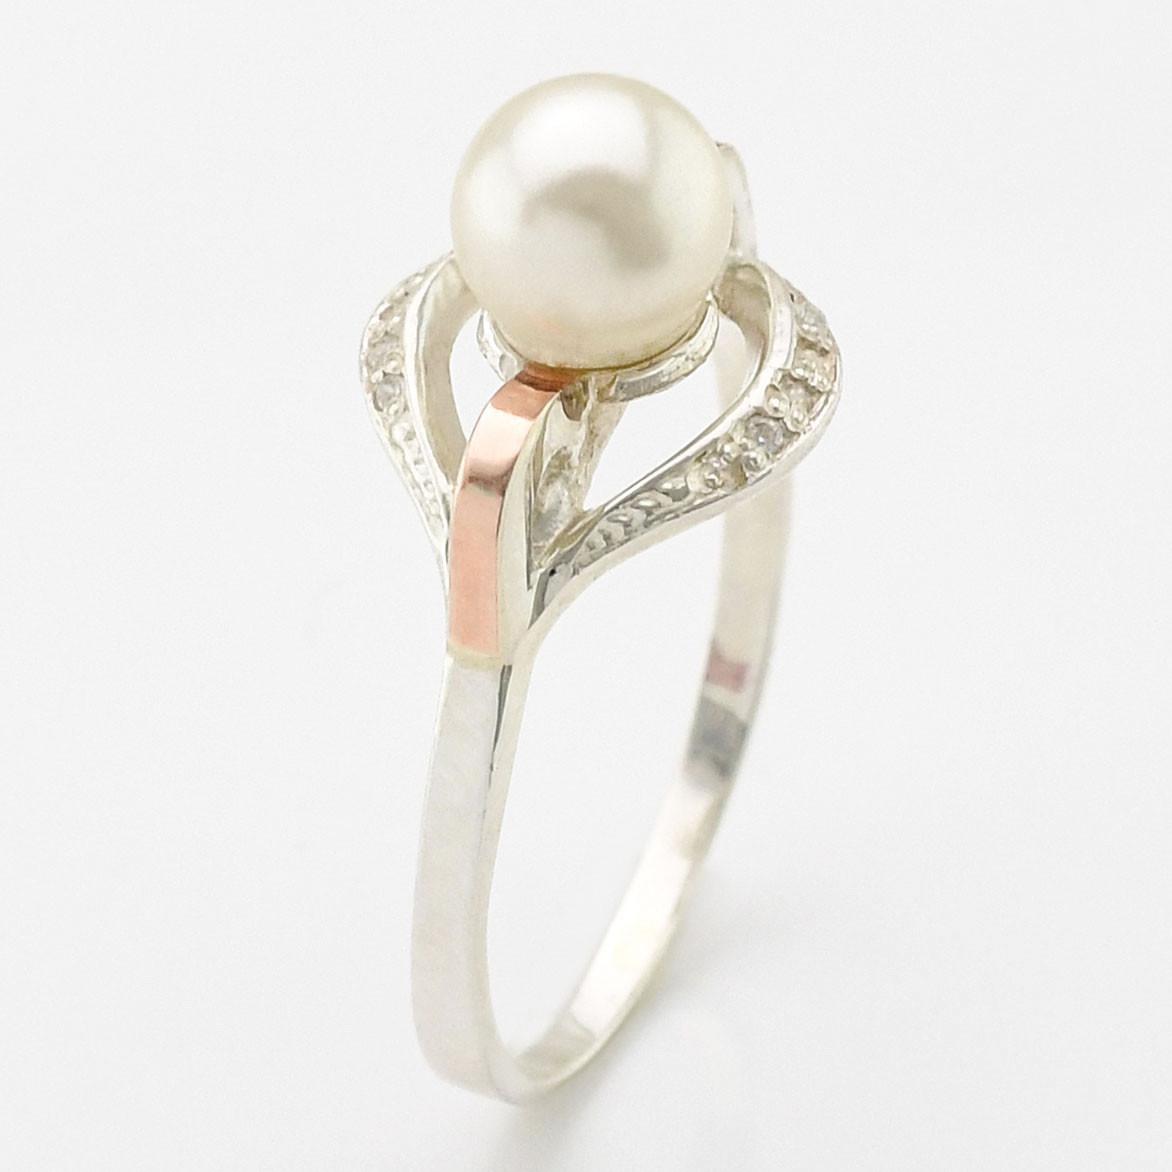 """Серебряное кольцо с золотыми пластинами """"Улыбка"""", вставка искусственный жемчуг, вес 2.54 г, размер 16"""